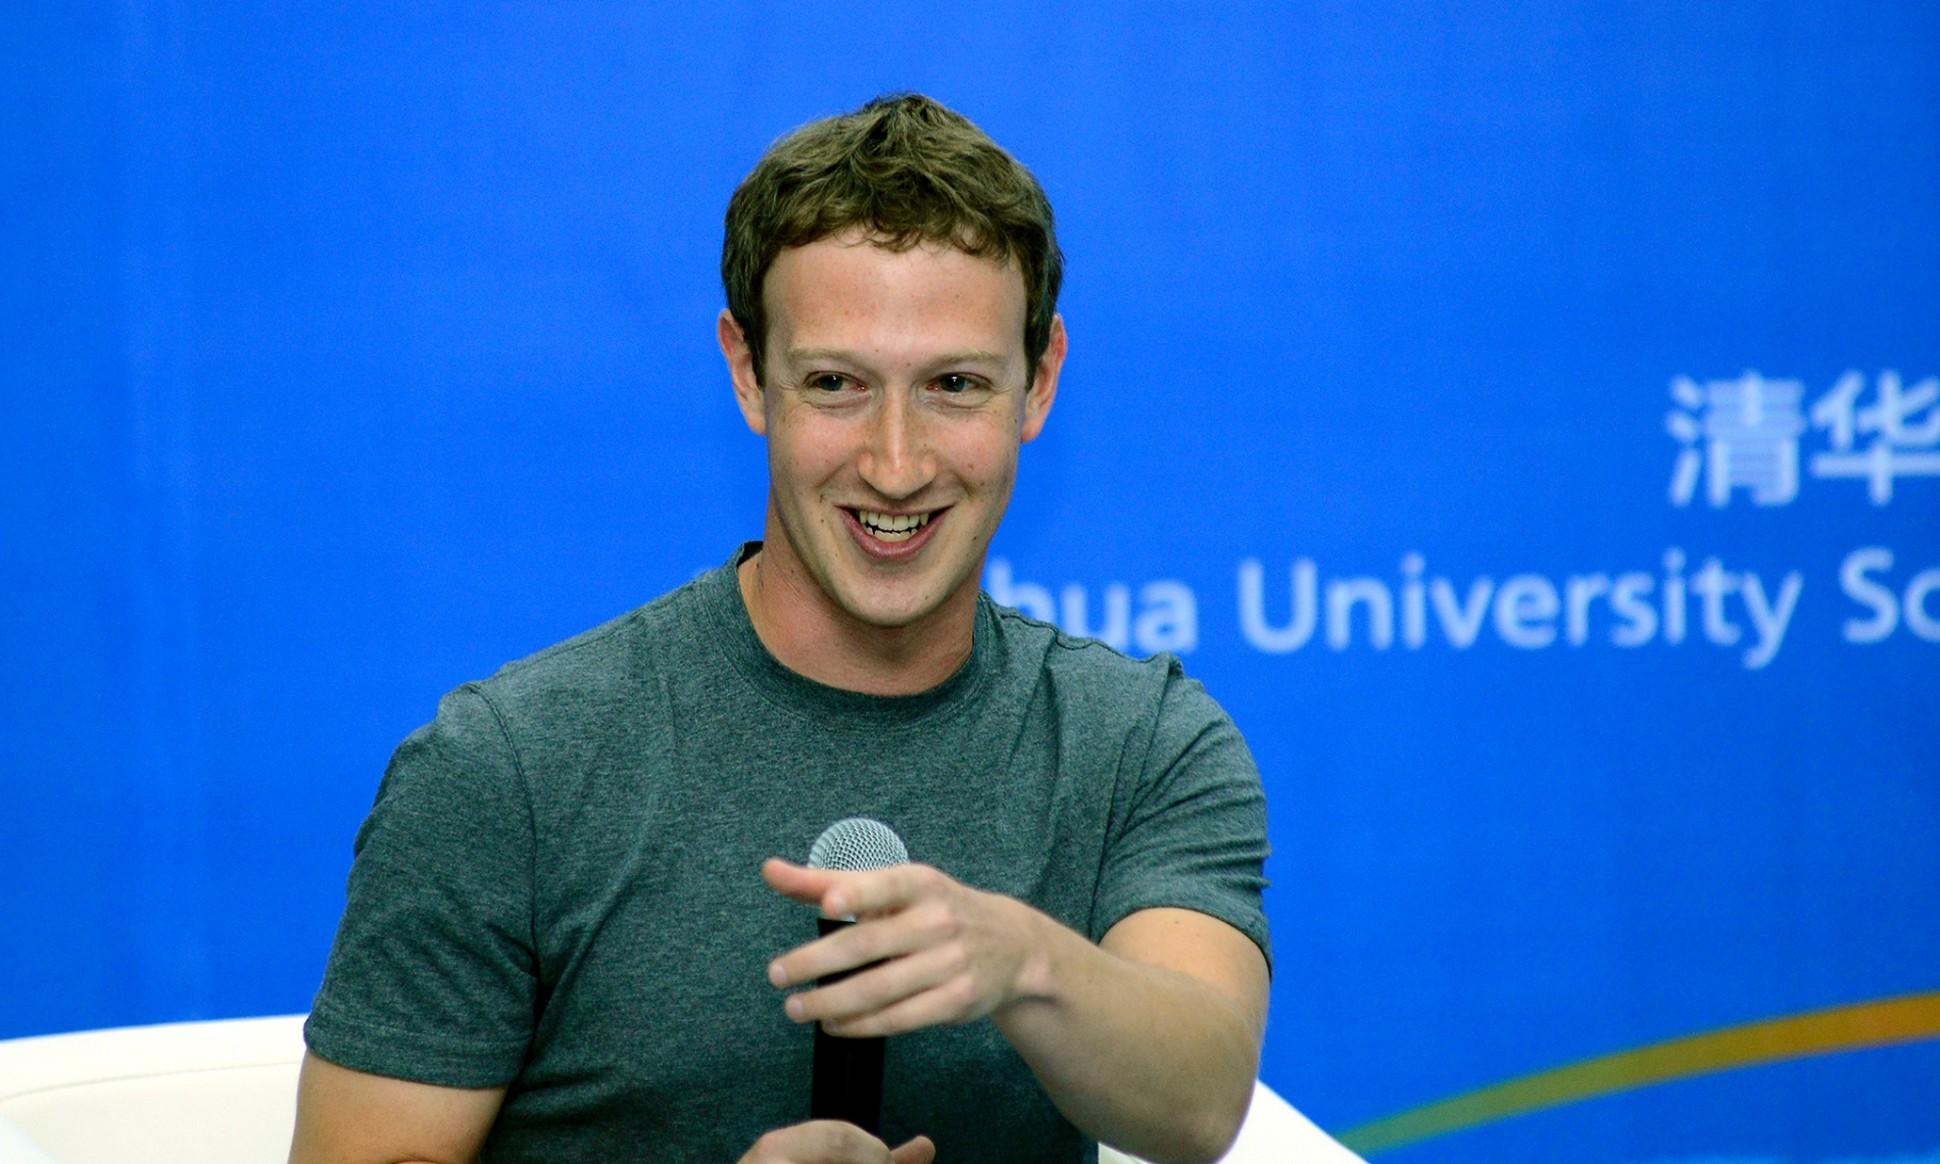 藉由Photobox,令臉書的創辦人馬克·祖克柏非常關注Kevin Strom。 Zuckerberg向Kevin Strom提議,讓他中斷學業,進入自己的公司上班,雖然如此,Kevin Strom還是決定完成學業!